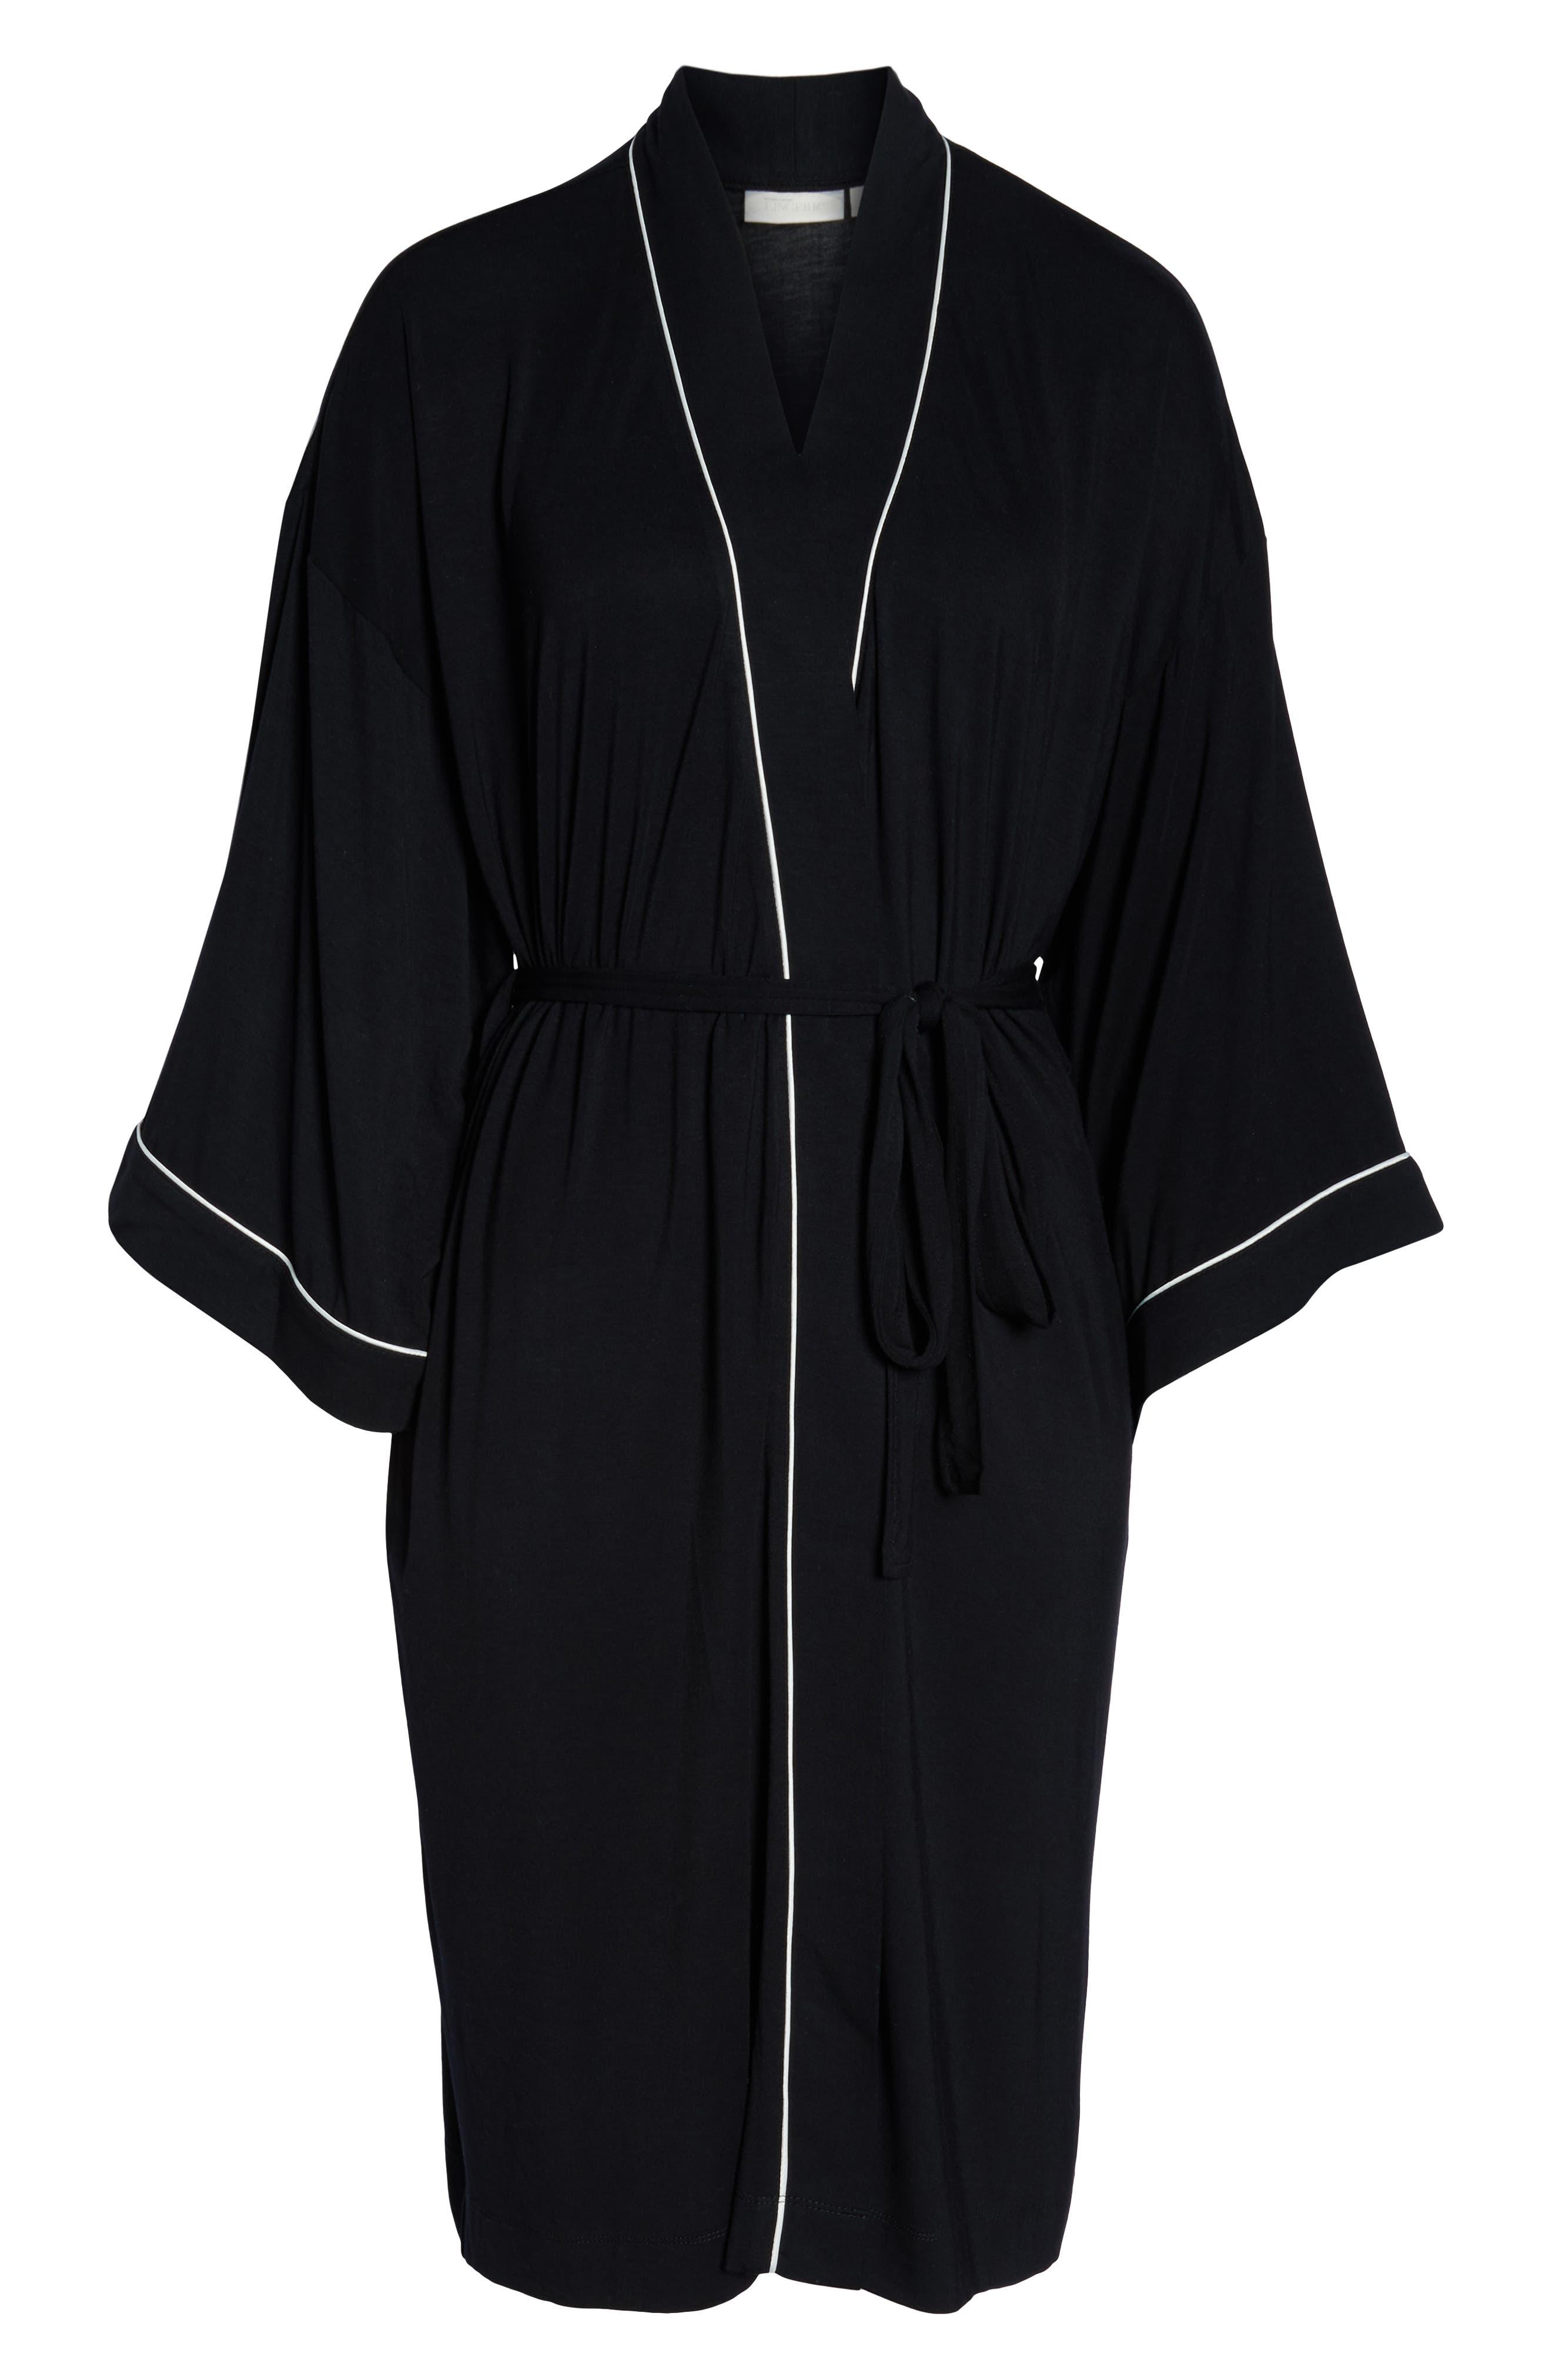 NORDSTROM LINGERIE, Moonlight Jersey Robe, Alternate thumbnail 6, color, 001